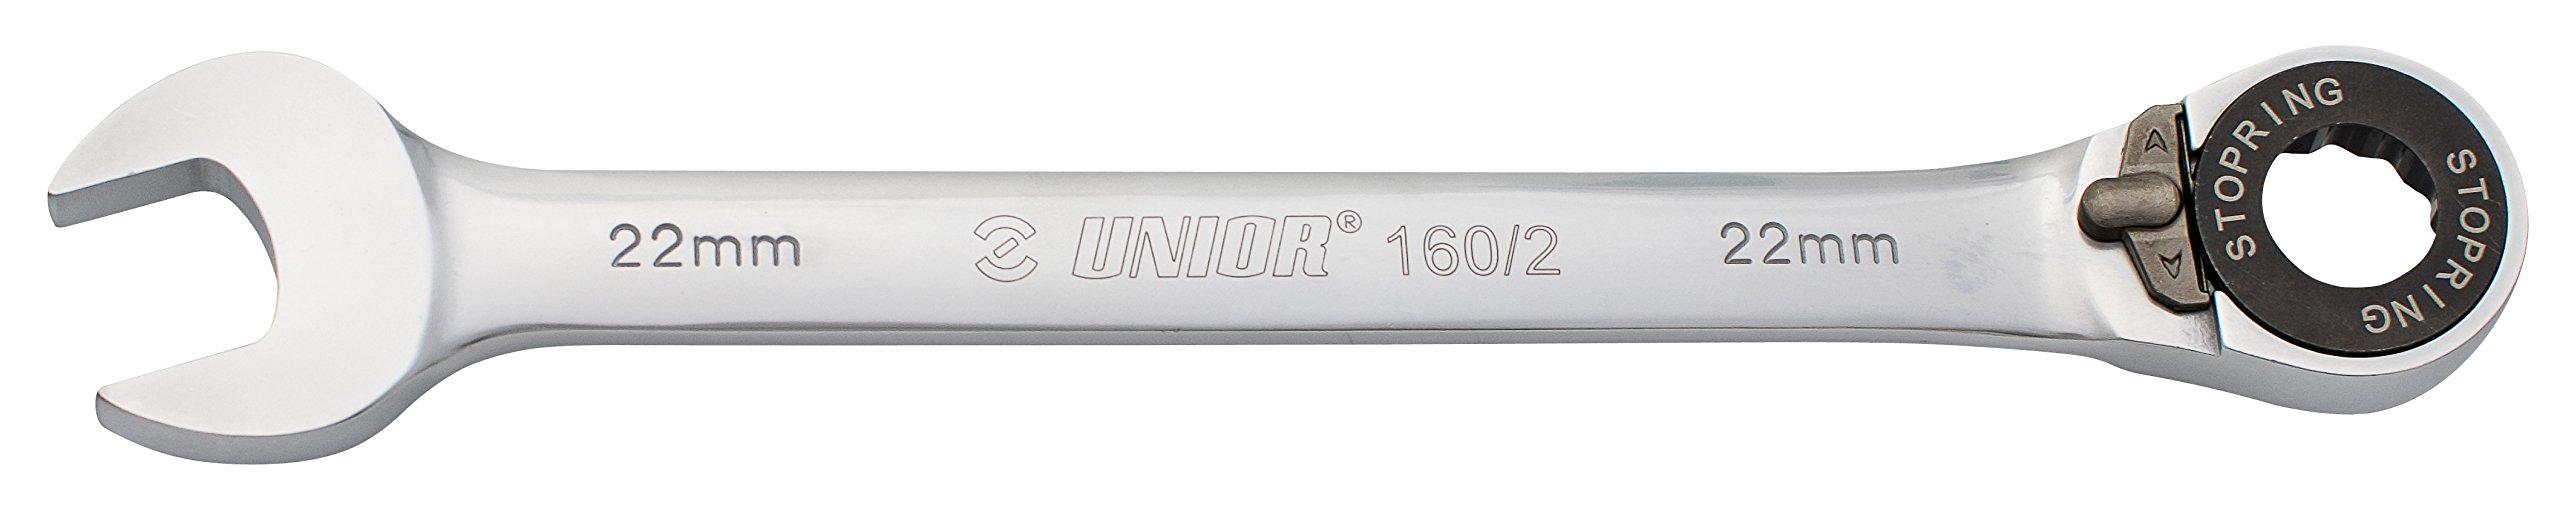 722.1AL Unior Aluminum Jaws for 150mm Vise